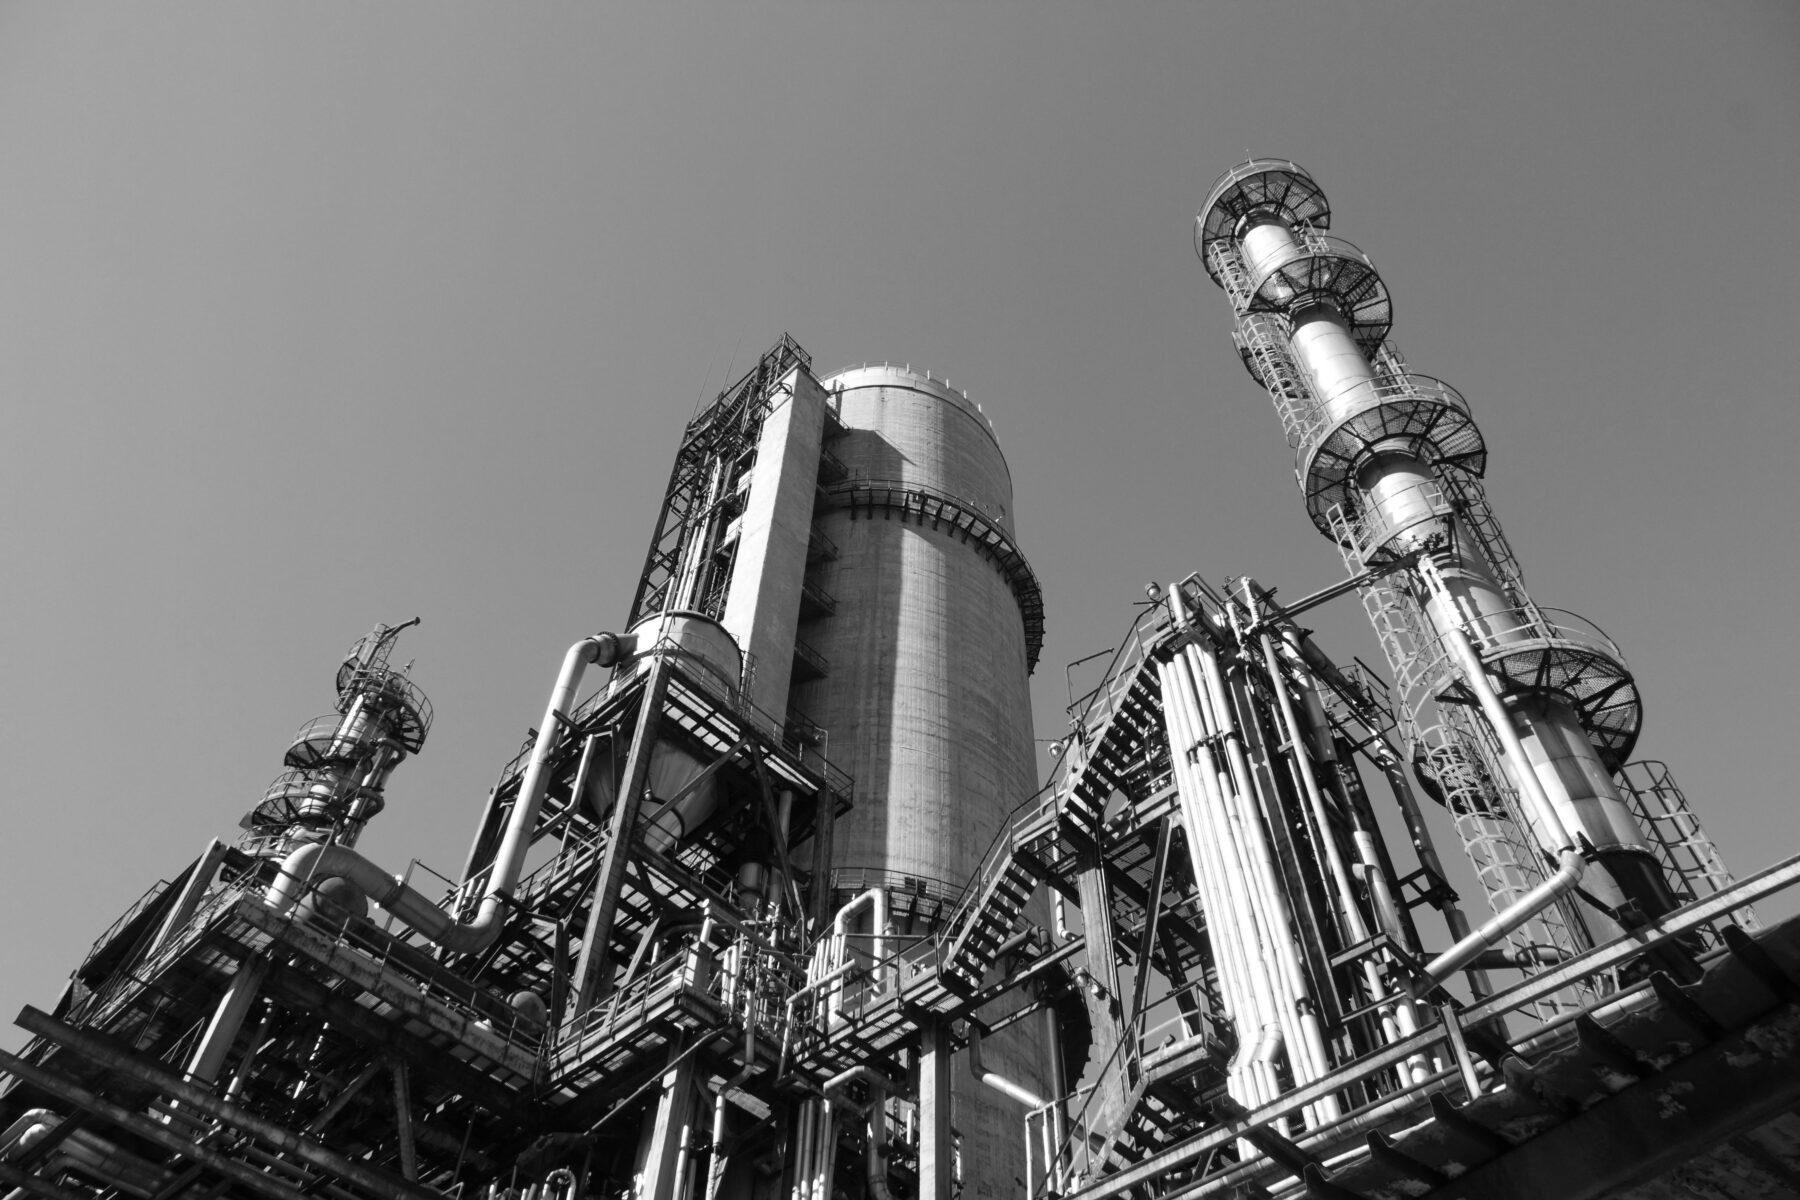 Czechy i klimat: lęki nuklearne Rosji i nieufność do OZE